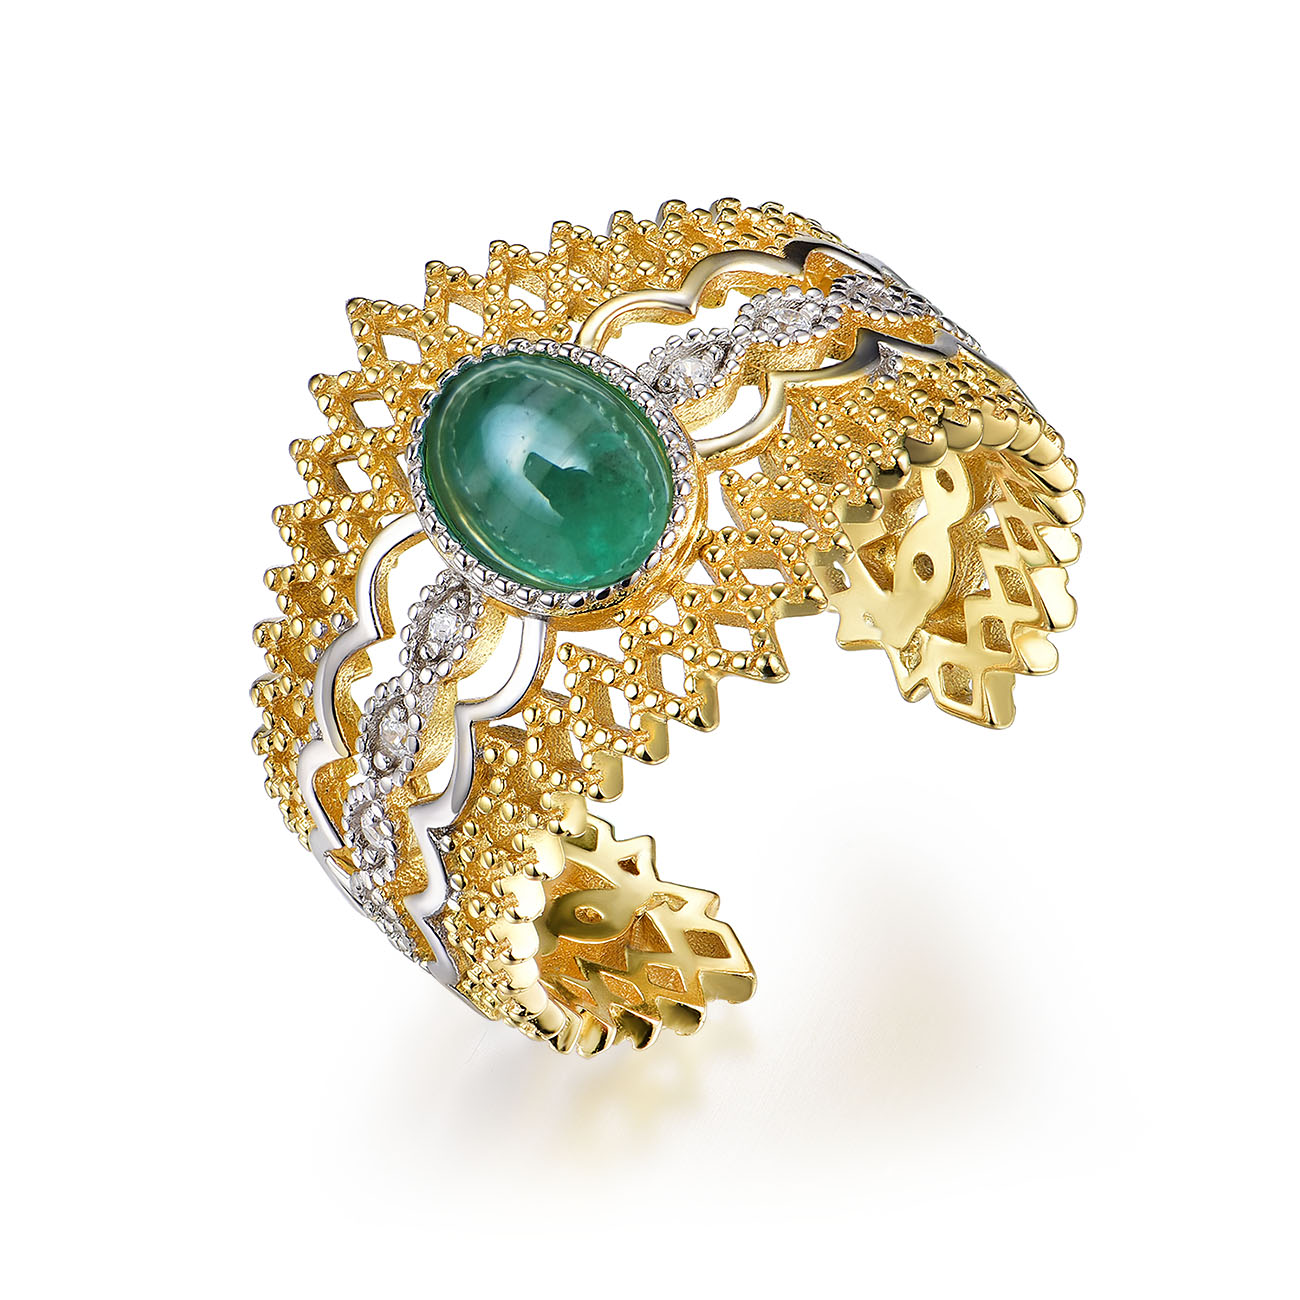 TBJ, 2019 di trasporto del nuovo naturale smeraldo anelli in argento 925 policromatico elementi di gioielli di moda per la donna di Nozze o regalo di compleanno-in Anelli da Gioielli e accessori su  Gruppo 1